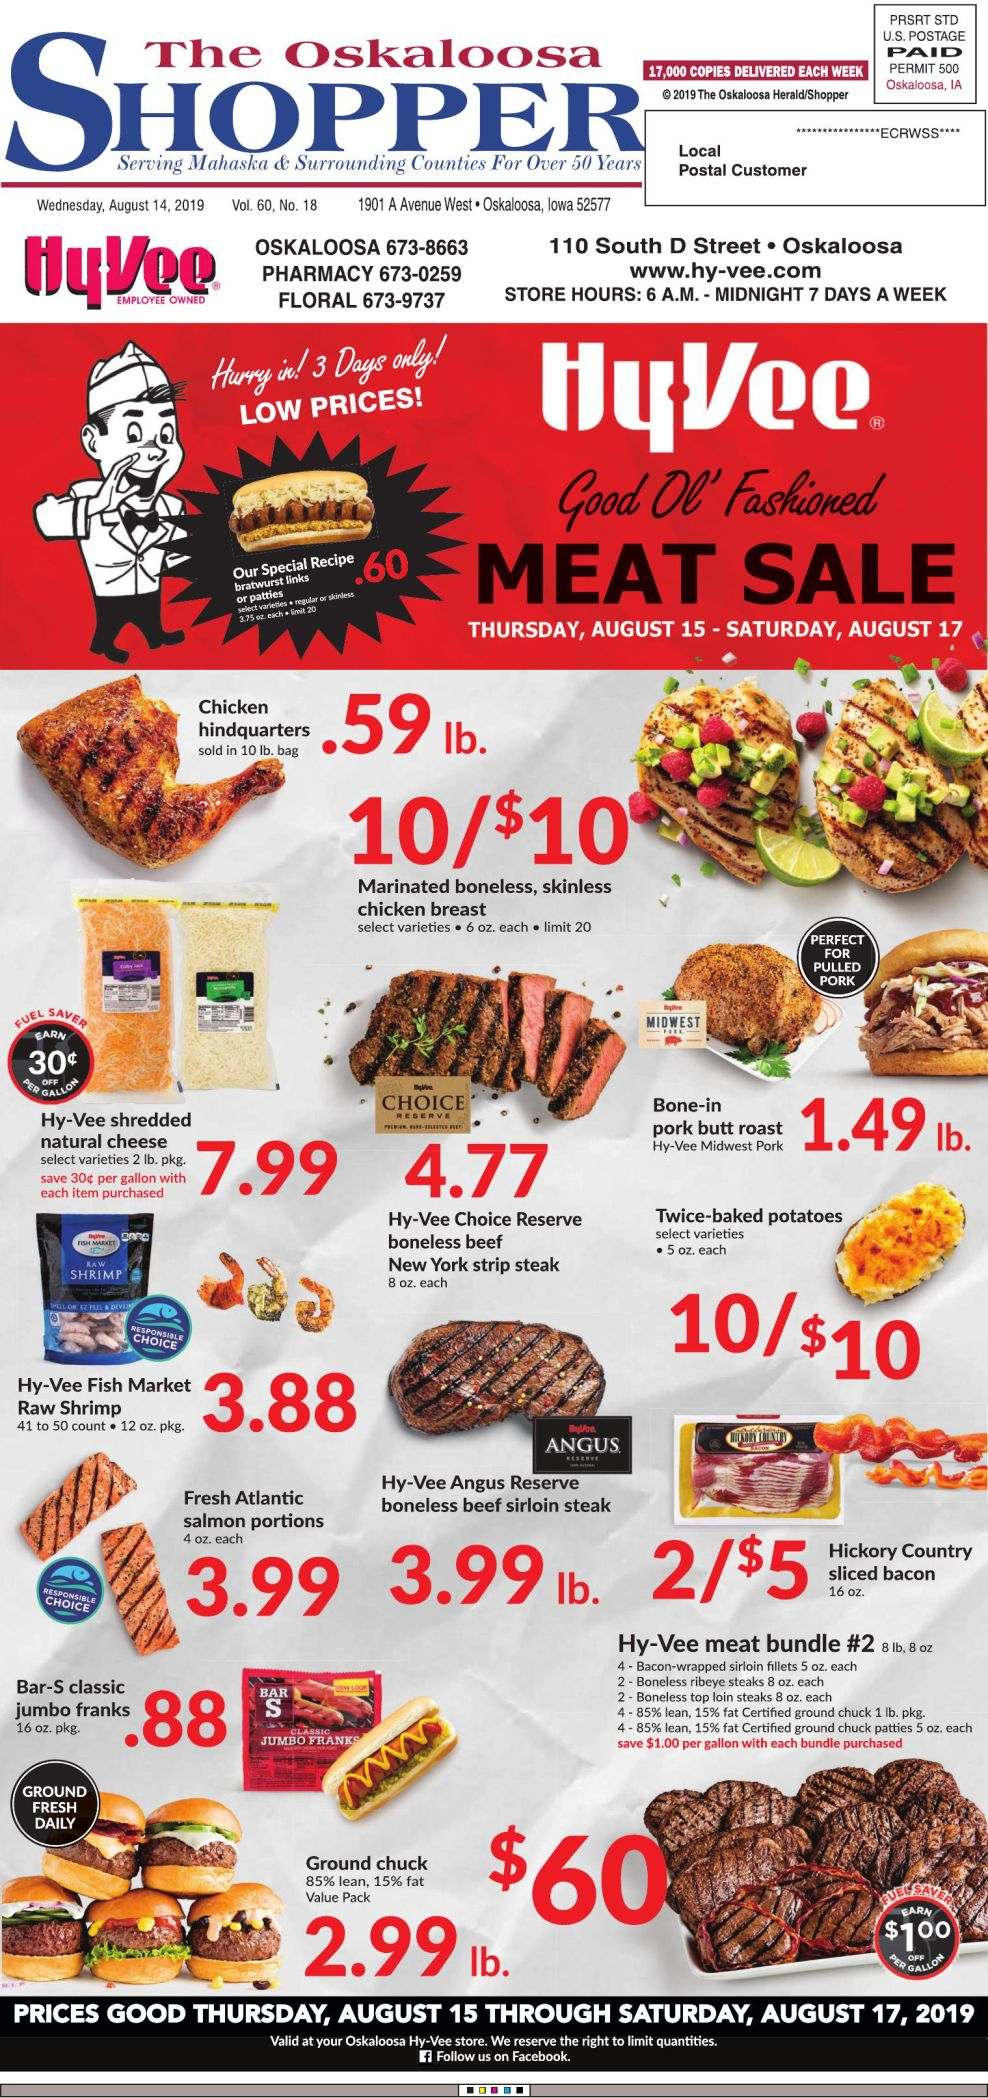 Oskaloosa Shopper week of 8/14/19